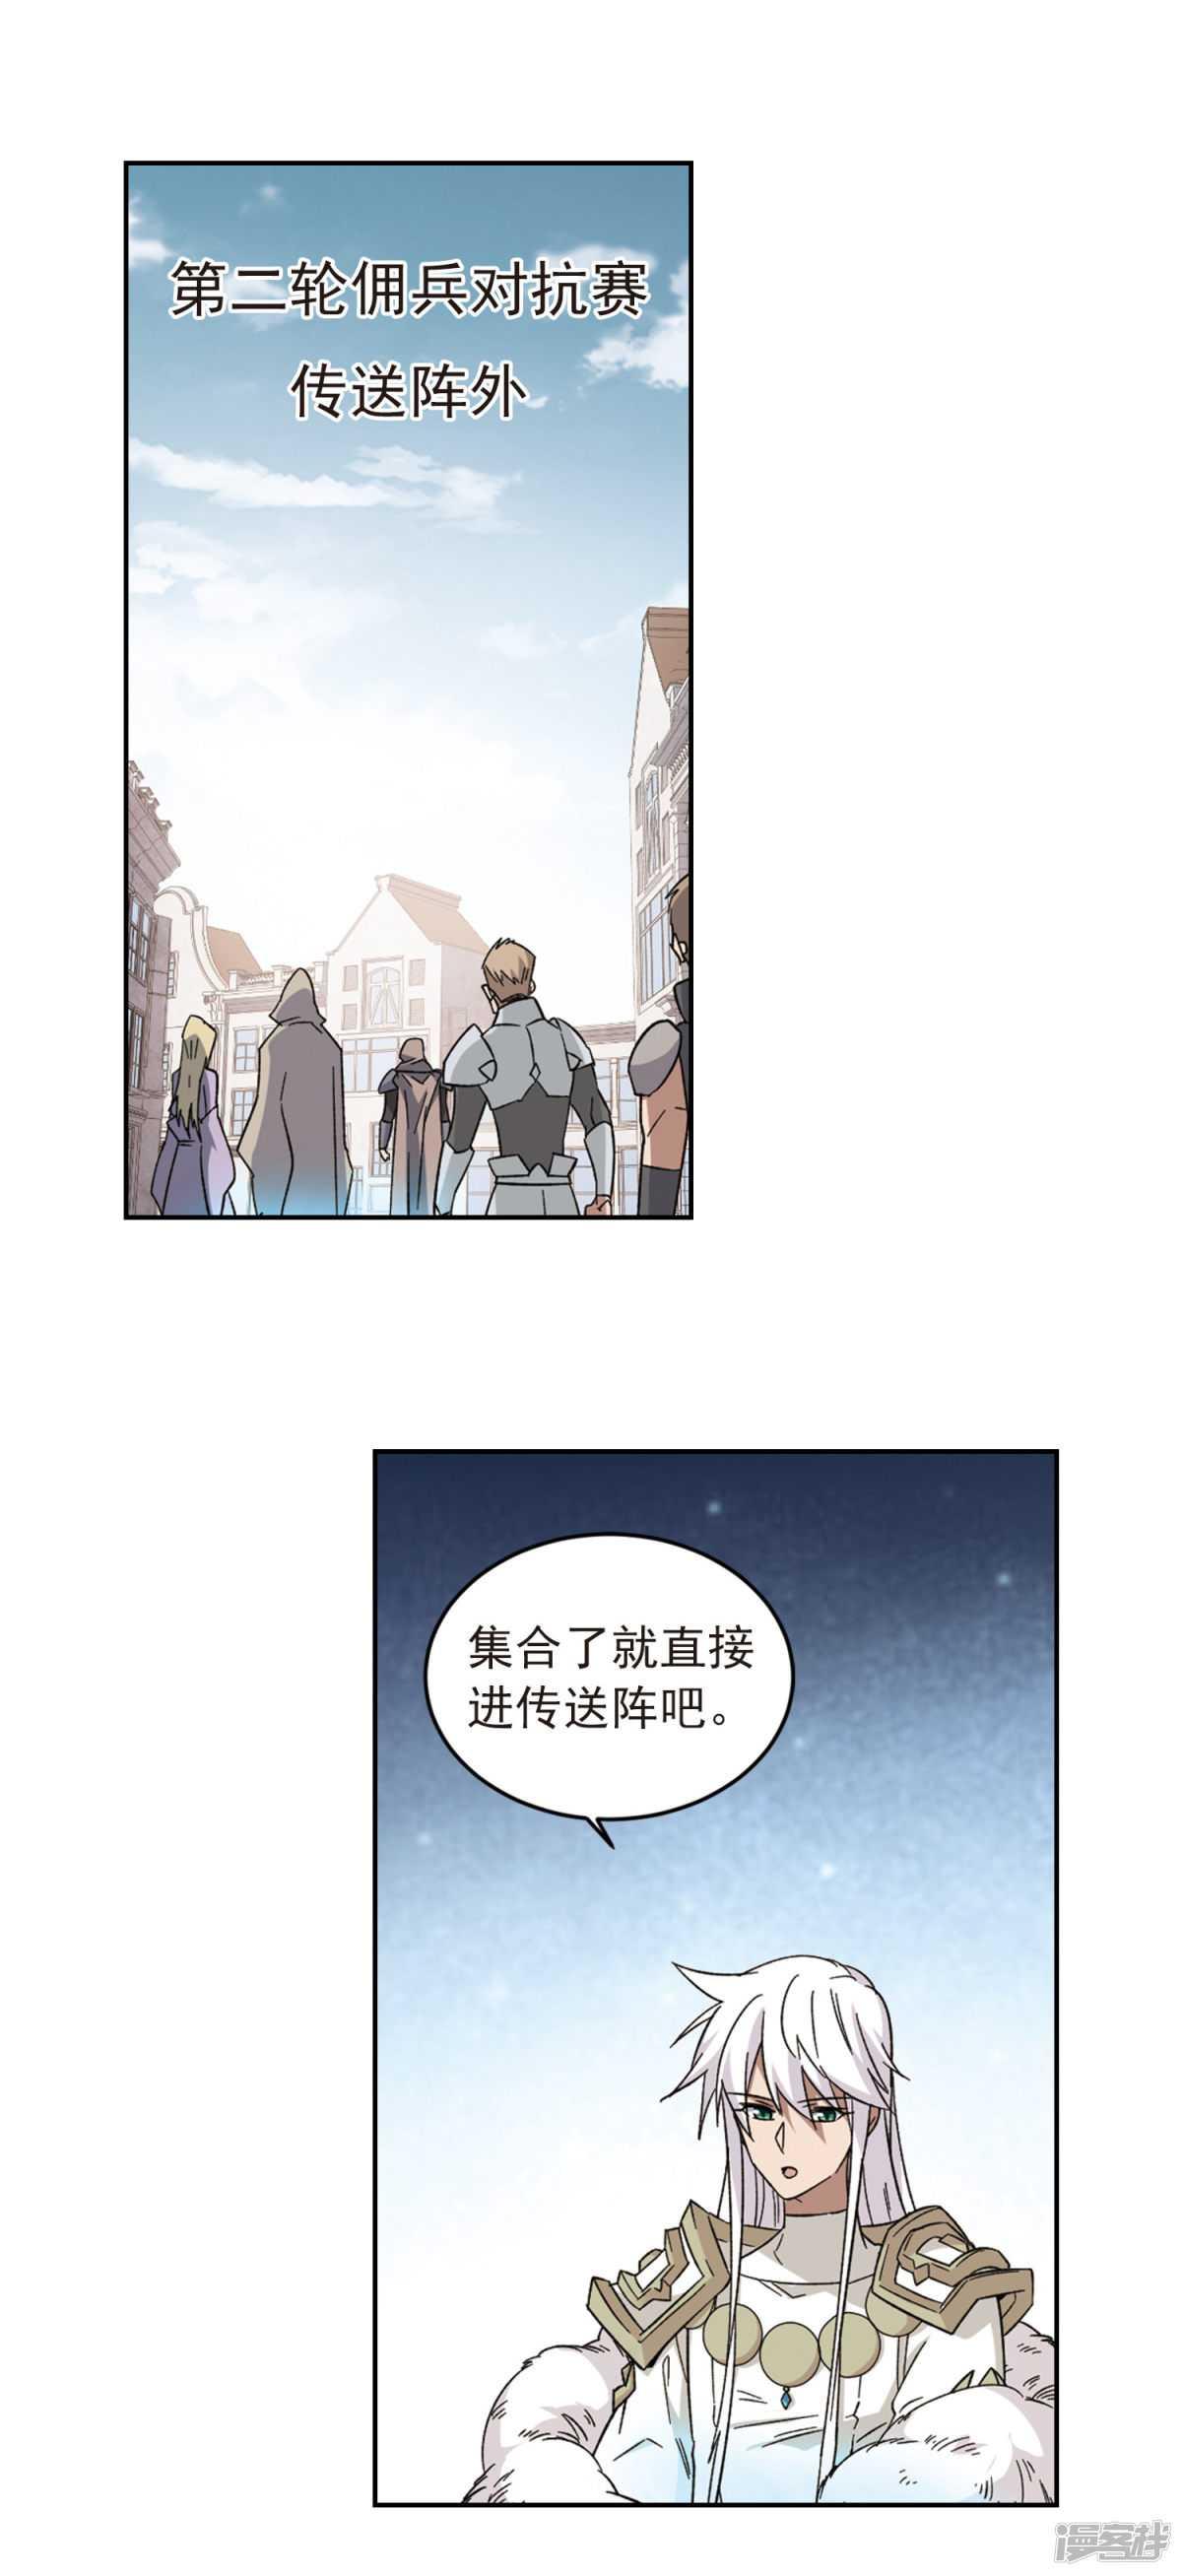 【漫画更新】《网游之近战法师》总316~317话